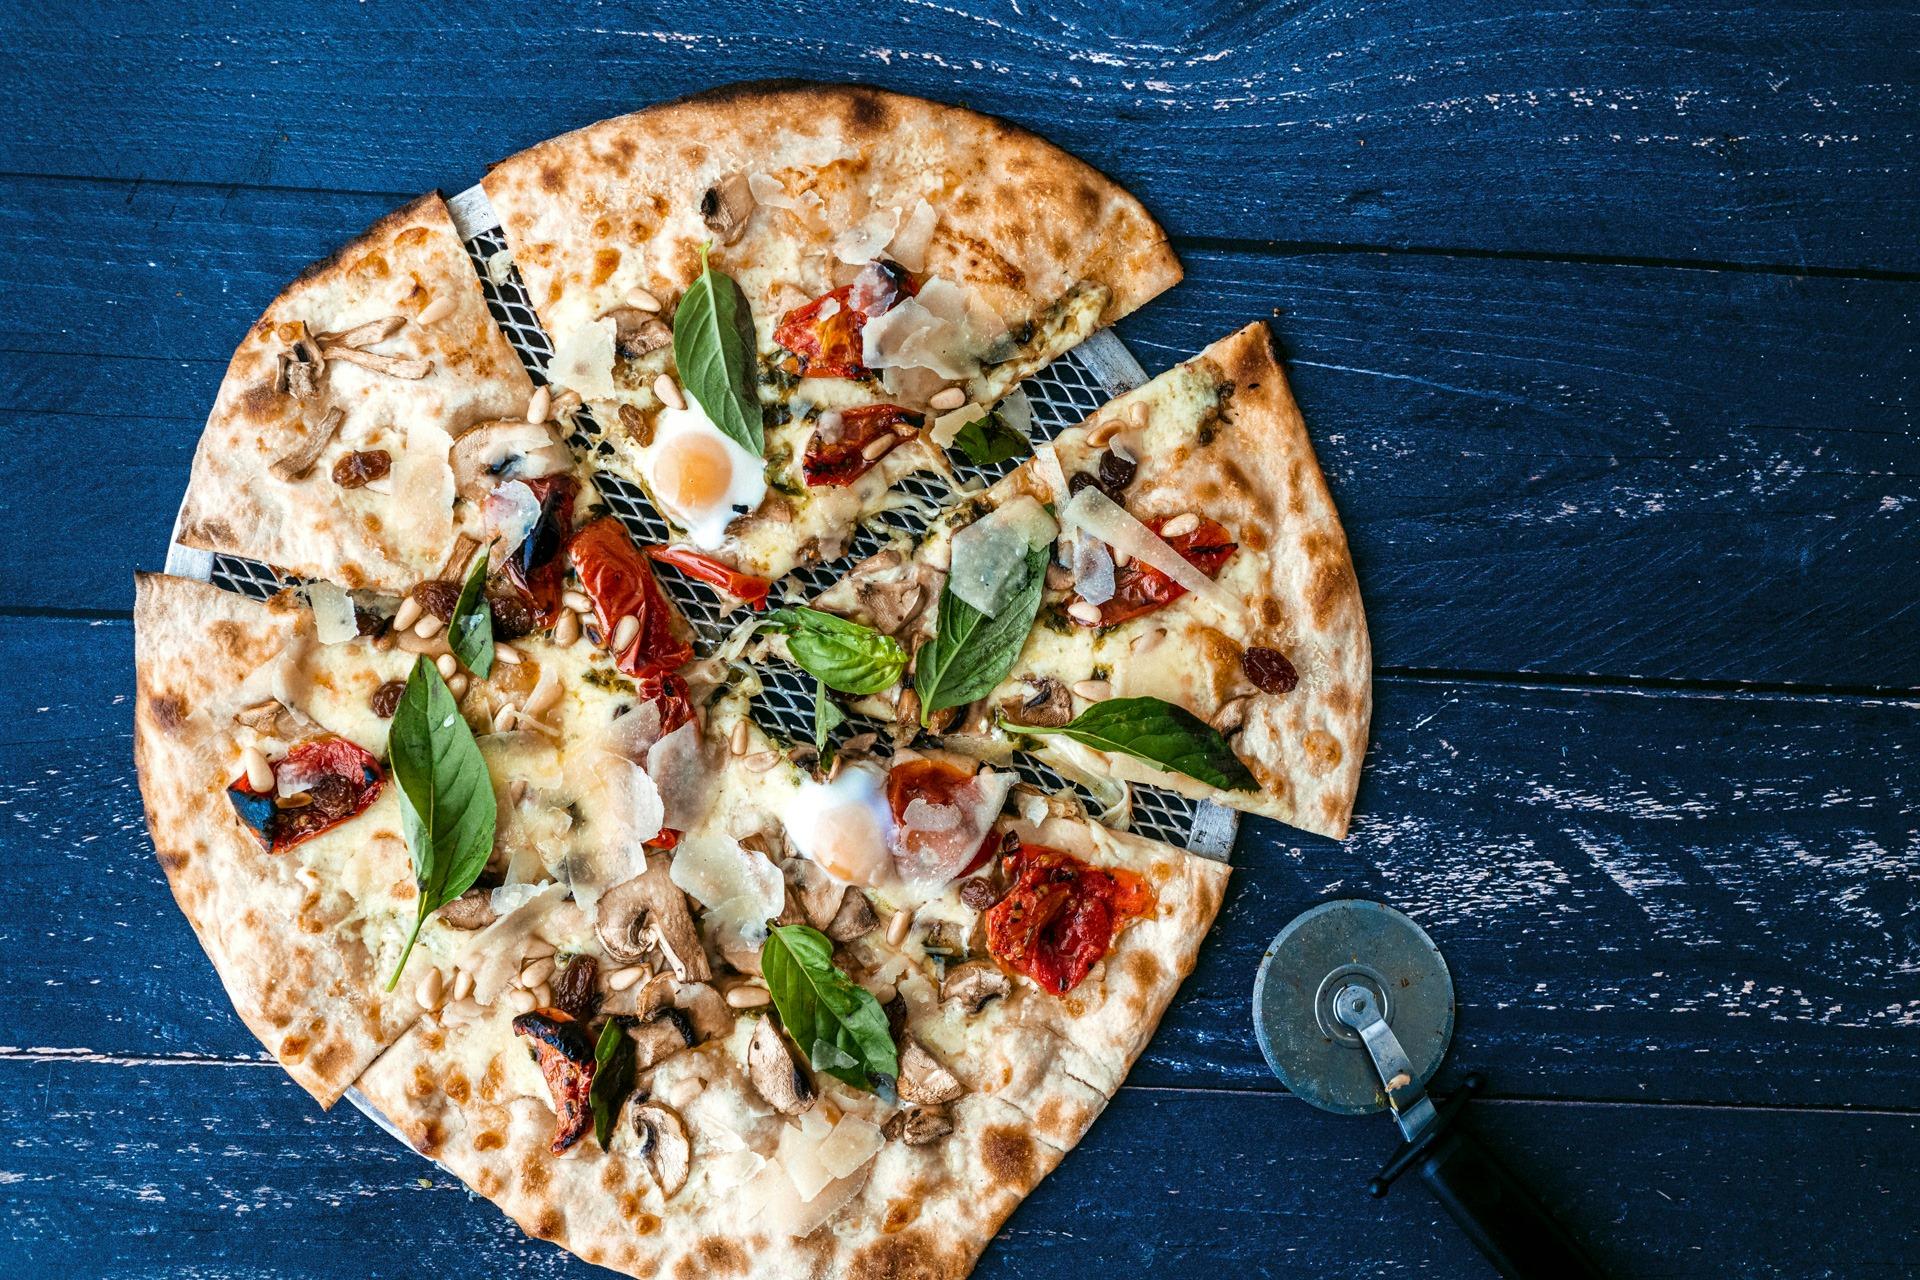 las mejores pizzas en la mafia se sienta a la mesa - Dime como te gusta la pizza y te diré que vino elegir